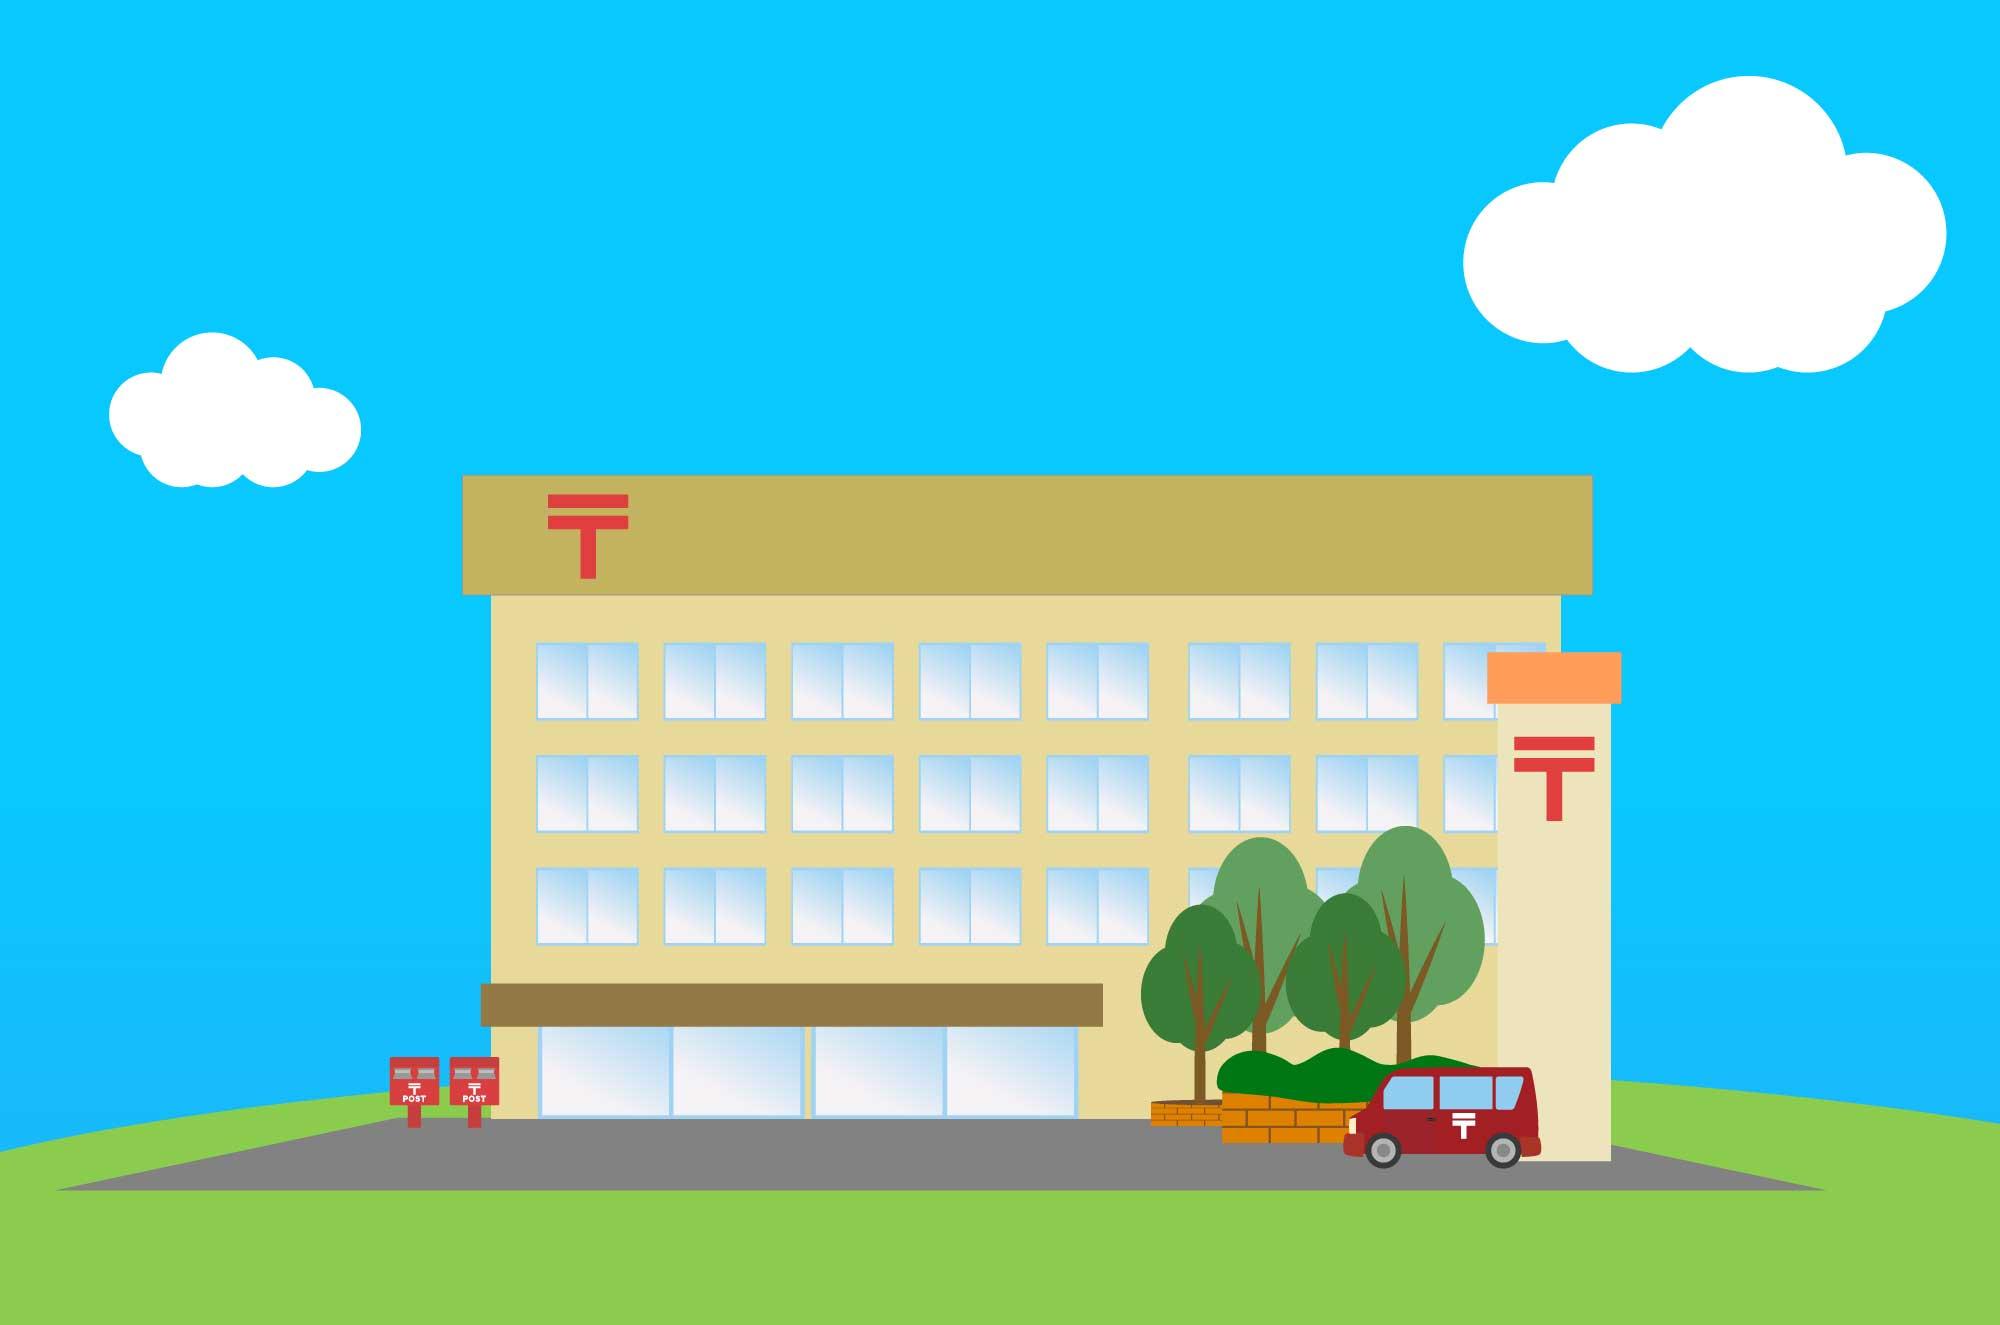 郵便局の無料イラスト - 手紙・郵送物の施設の素材